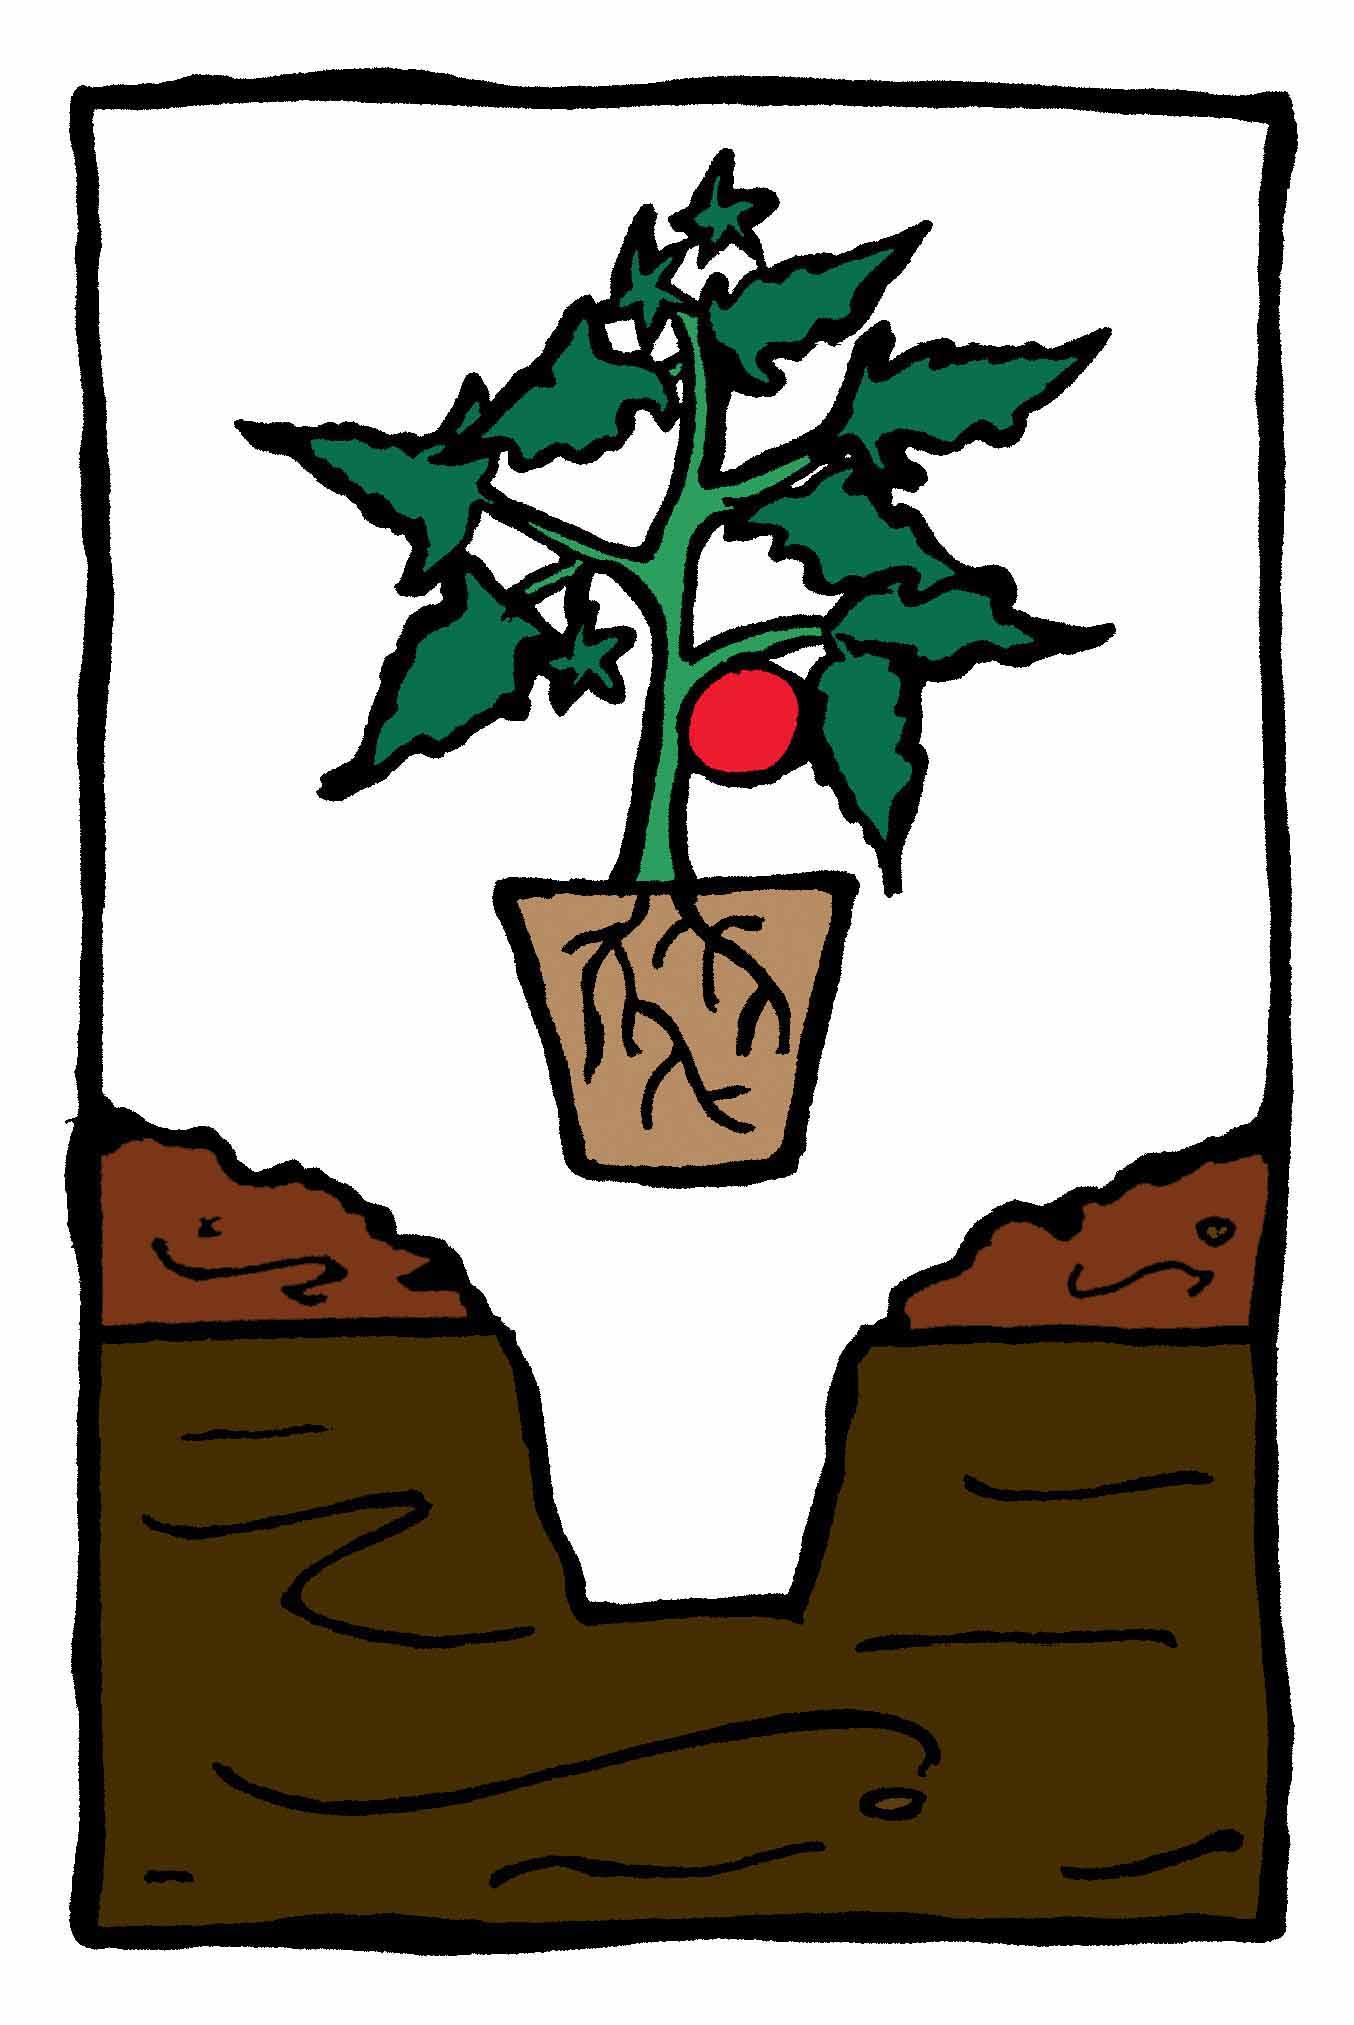 Paillis Noix De Coco comment utiliser du paillis dans un potager – jardinier